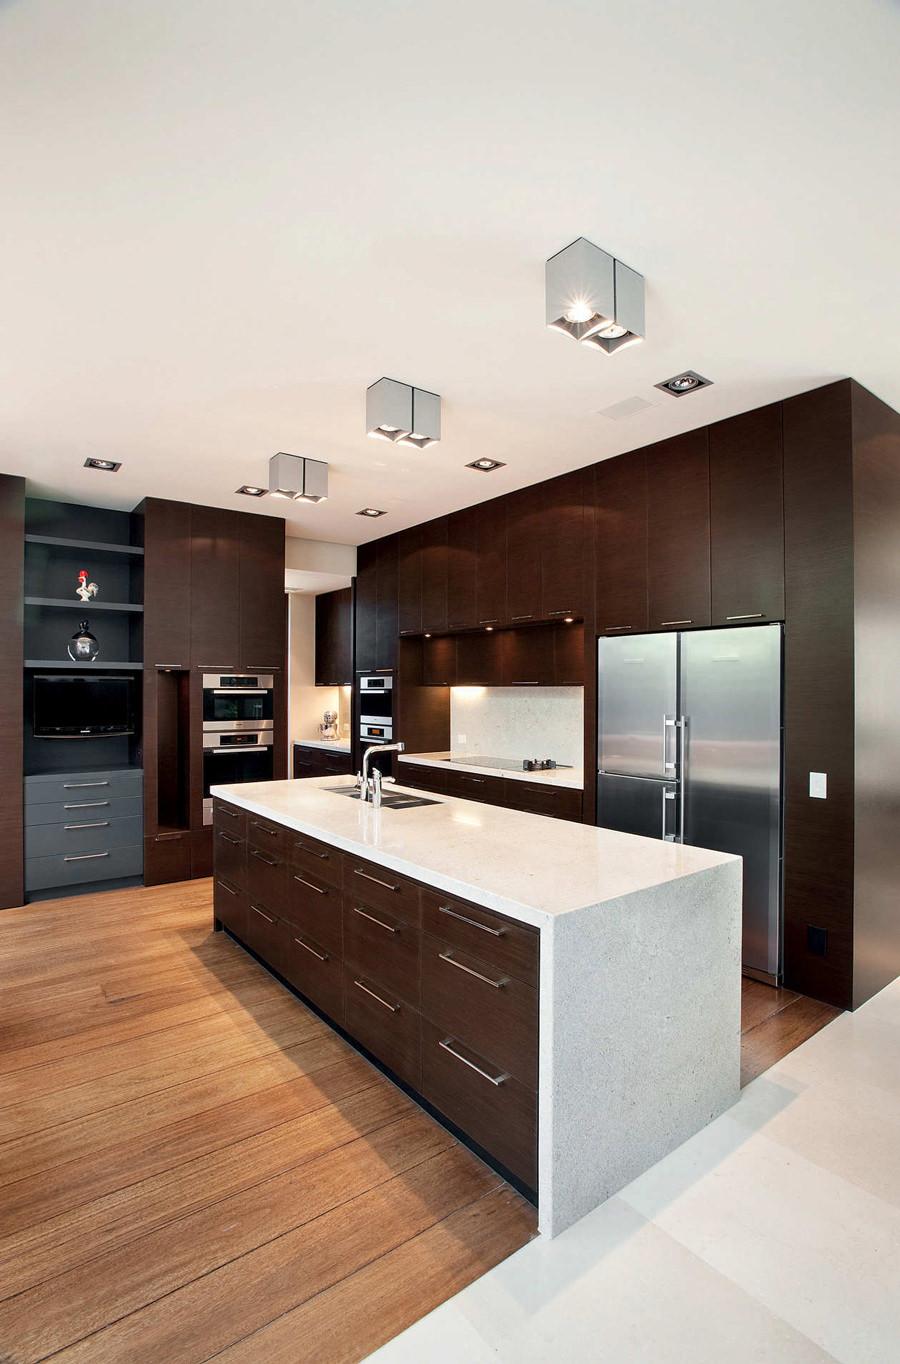 Cucina Moderna Bianca E Legno Scuro.100 Idee Cucine Moderne In Legno Bianche Nere Colorate